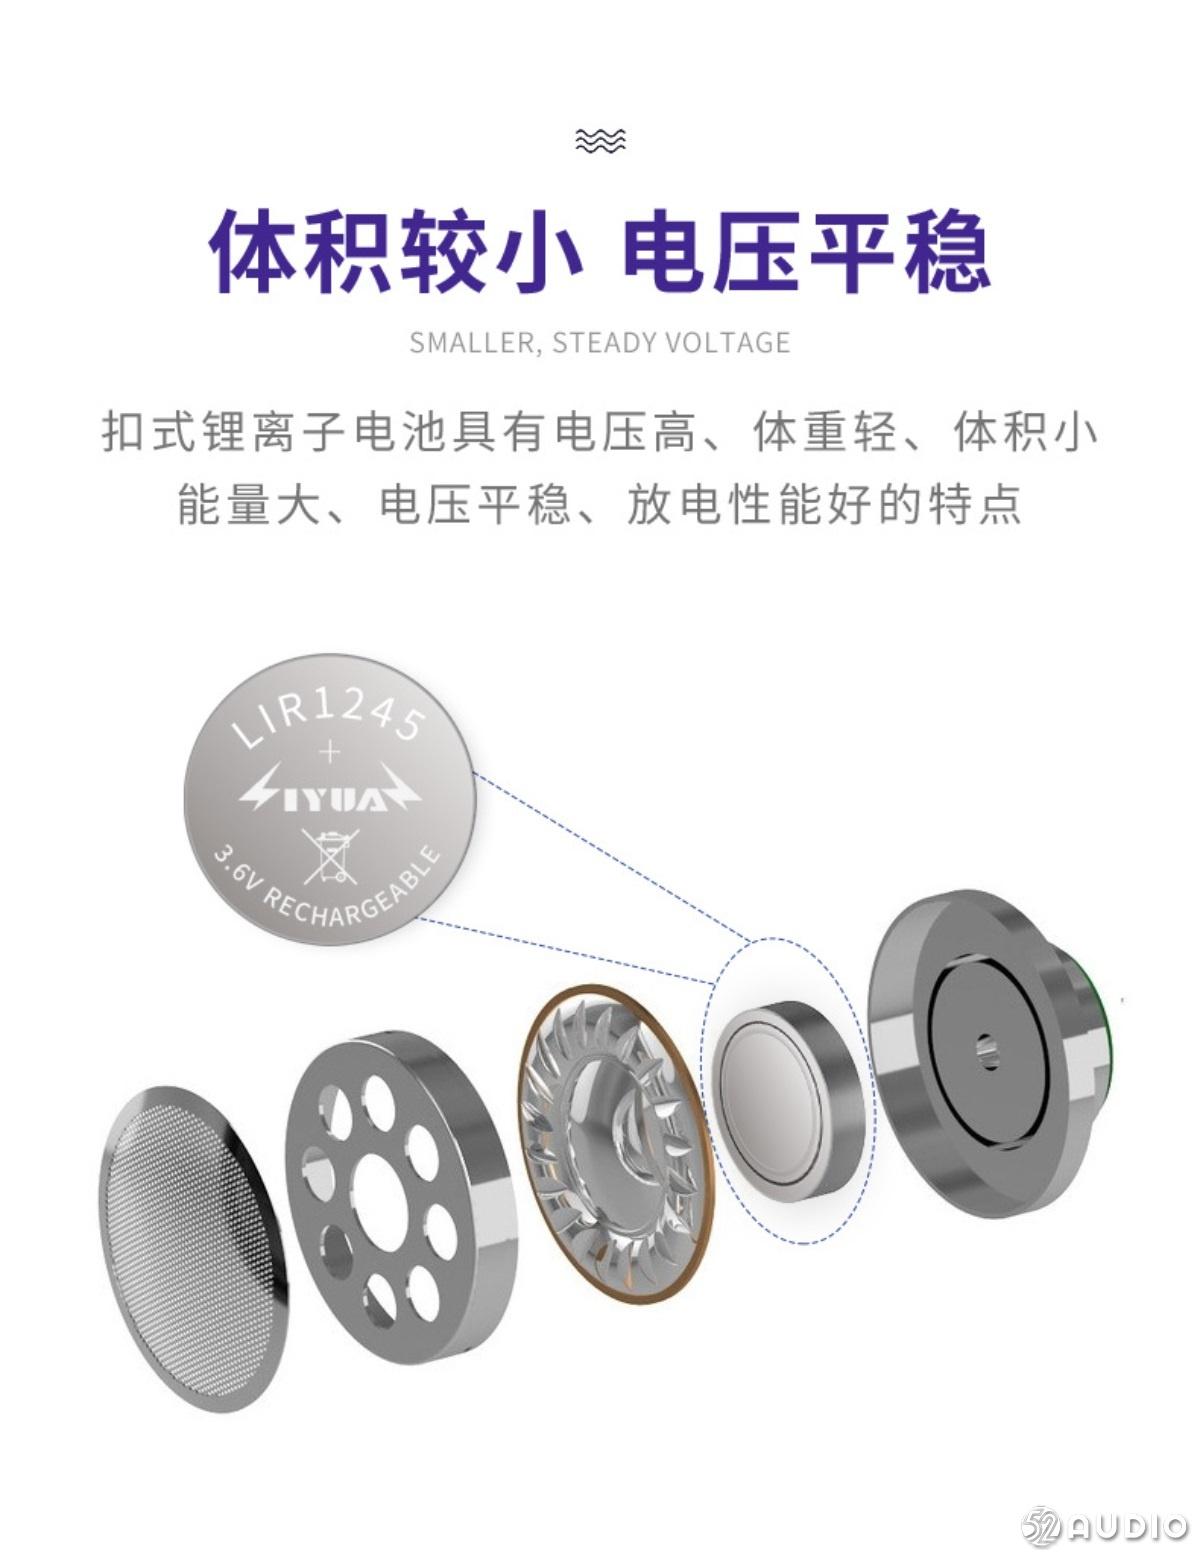 力源电池科技全面工艺升级助力TWS真无线耳机市场-我爱音频网